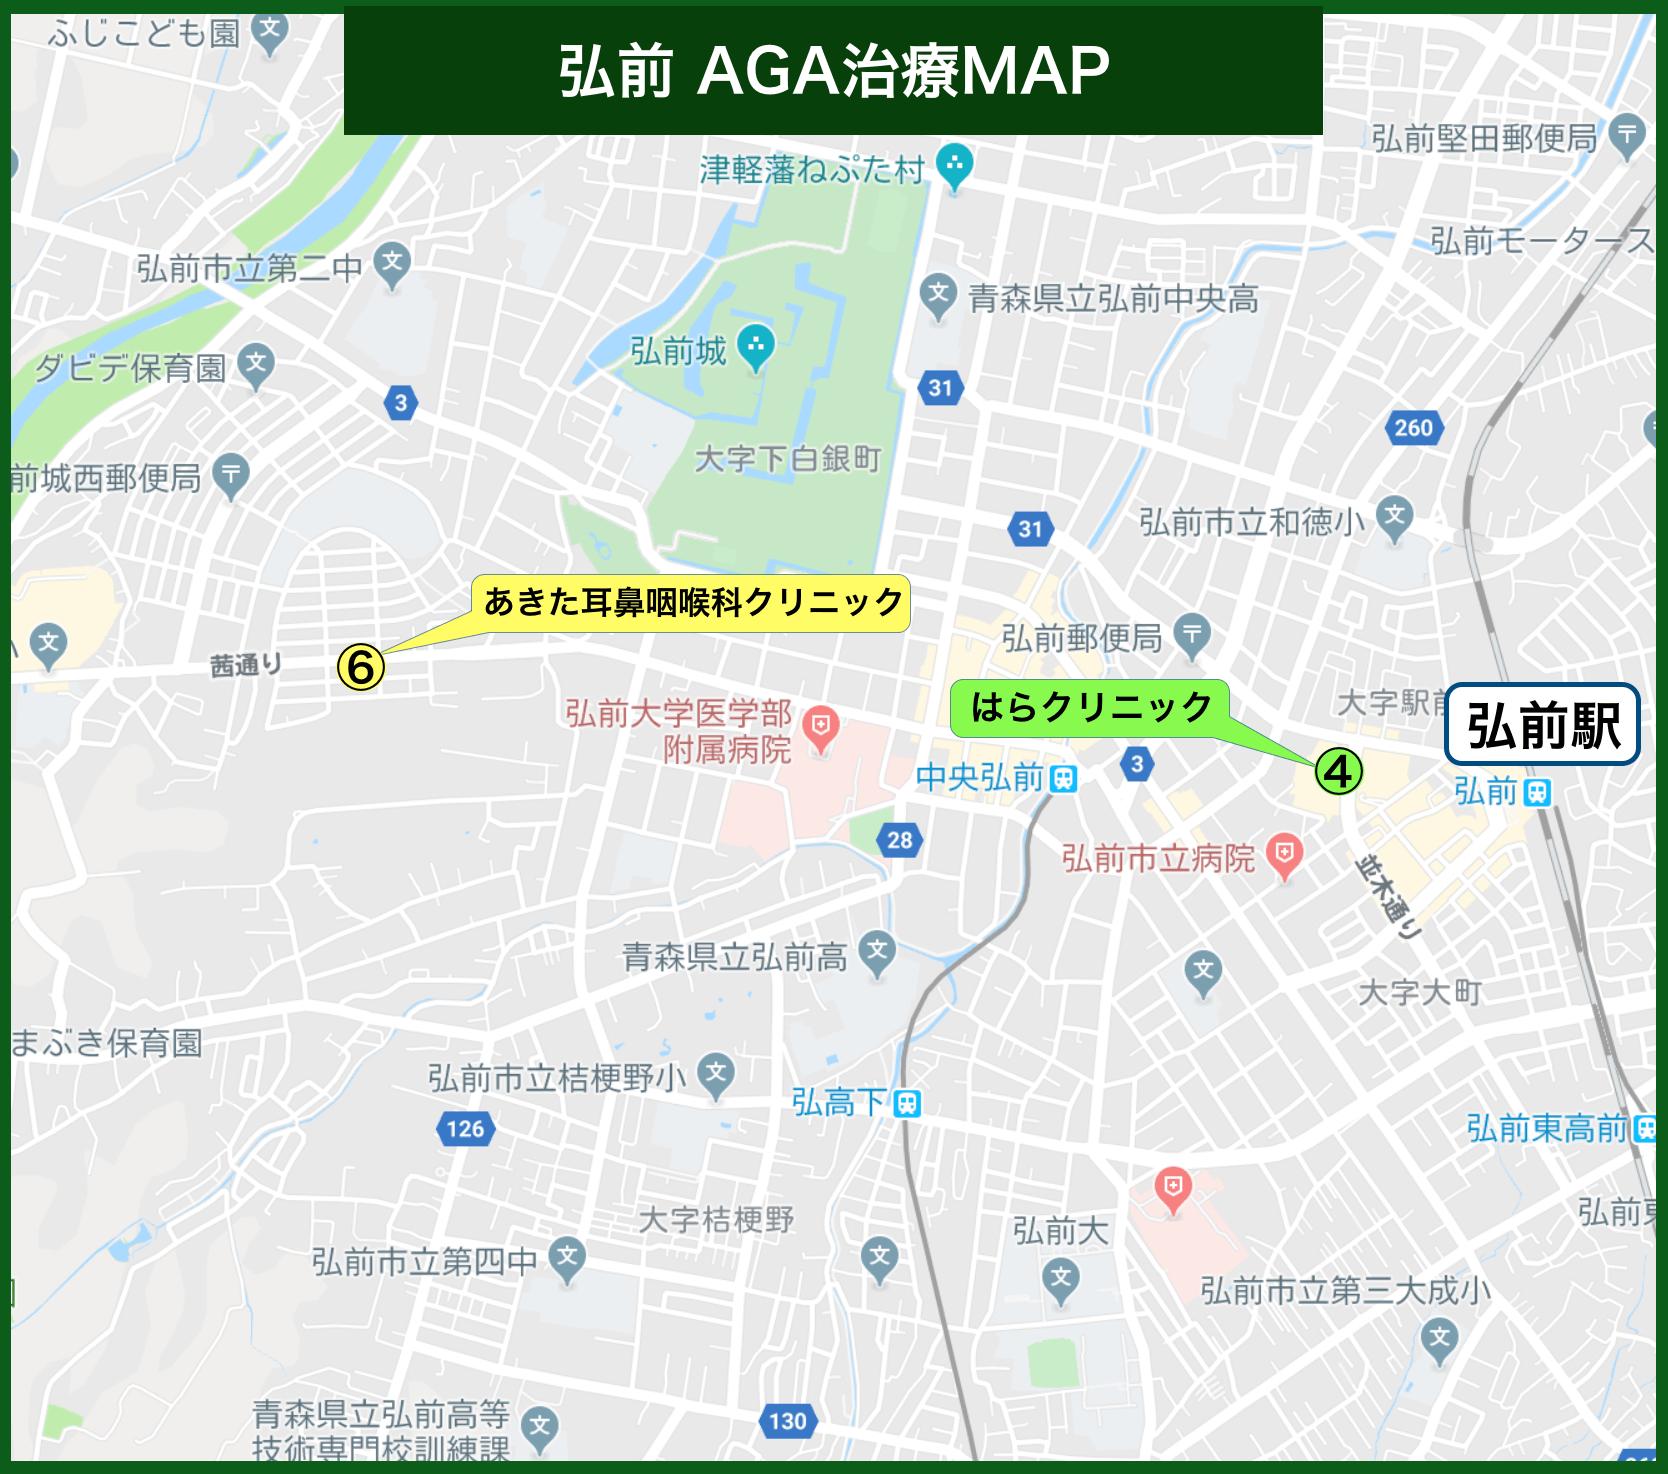 弘前AGA治療MAP(2020年版)